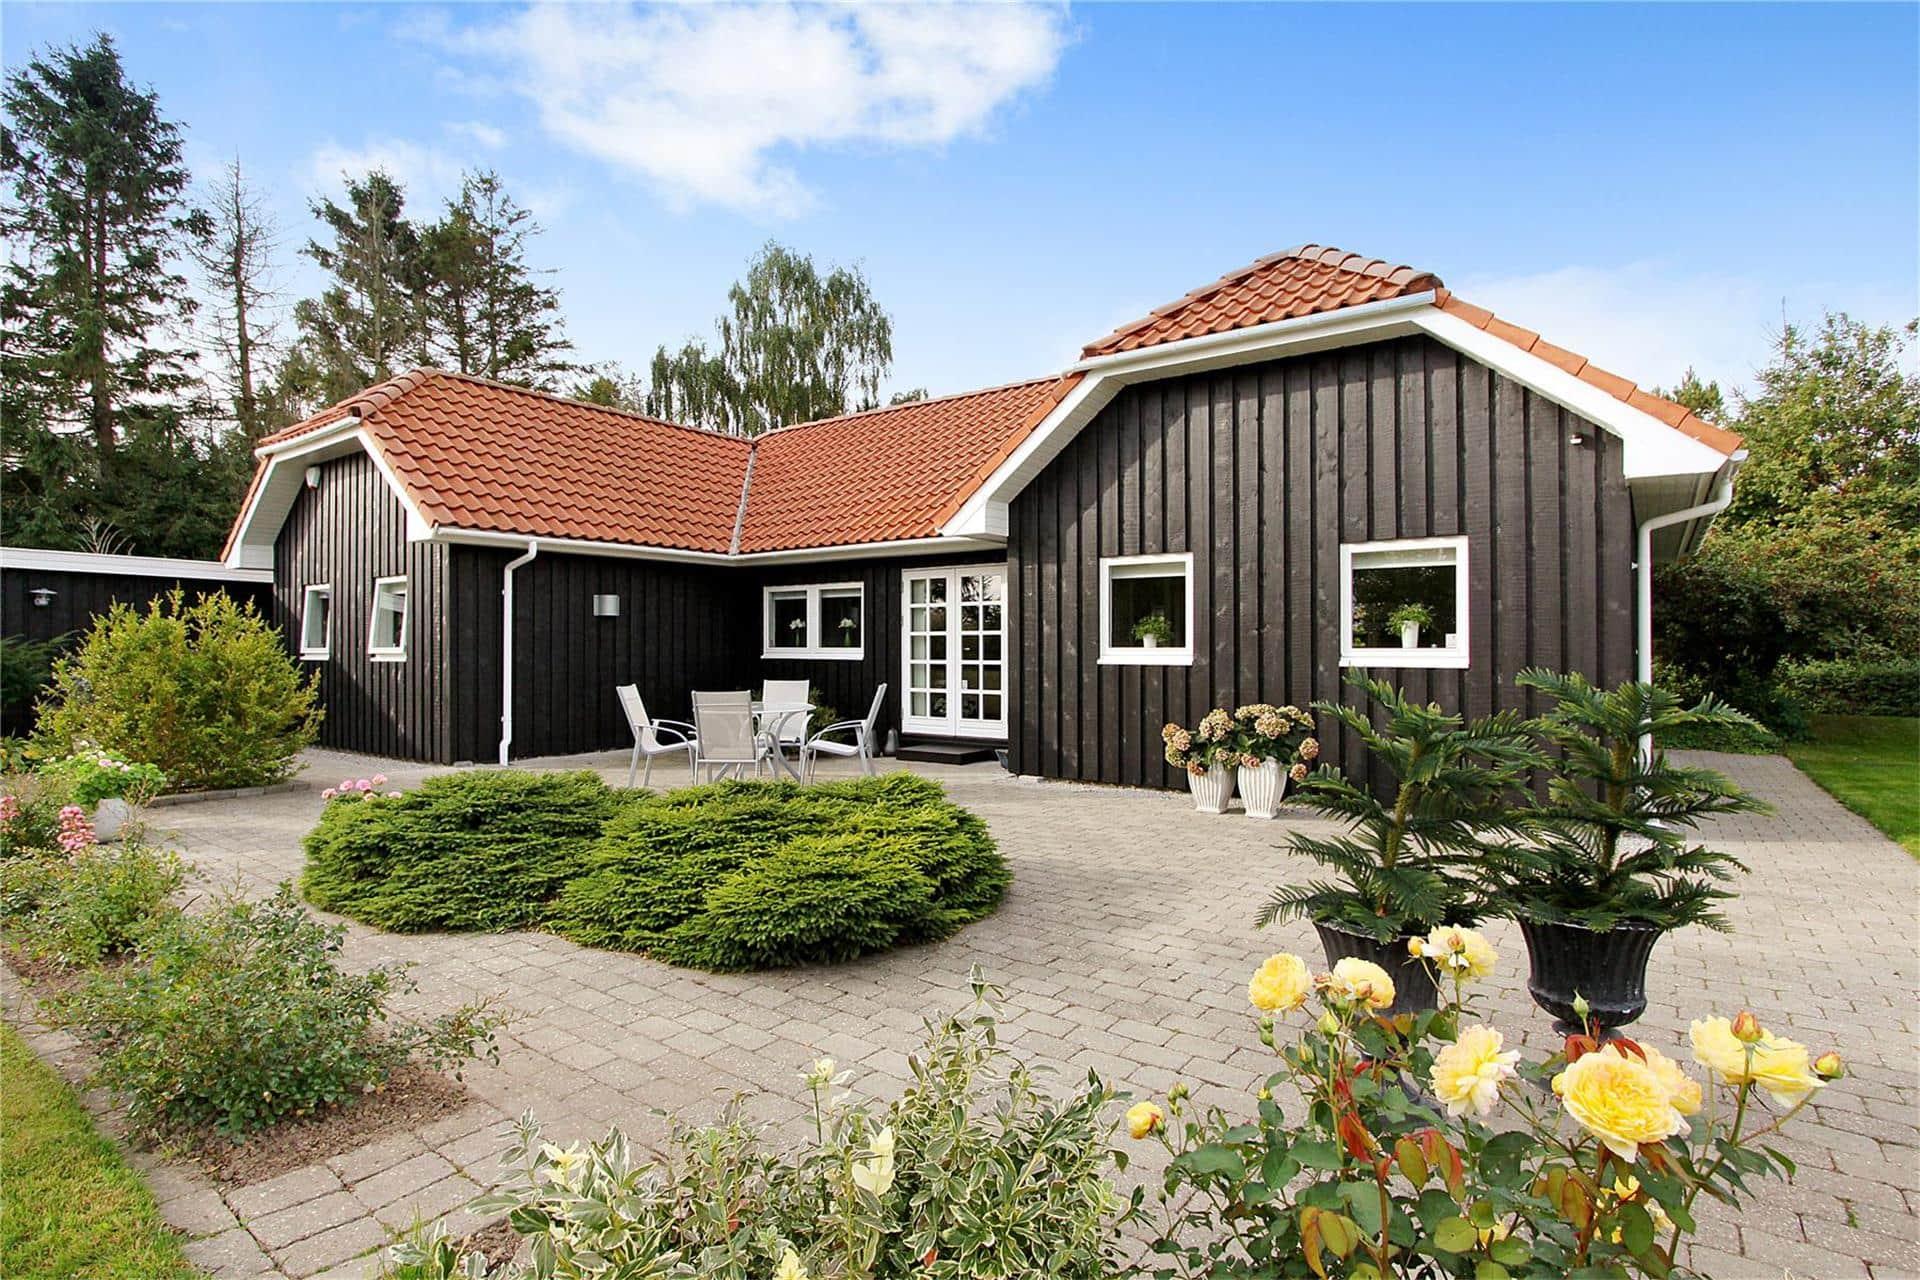 Afbeelding 1-23 Vakantiehuis 8417, Fiskervej 47, DK - 8400 Ebeltoft